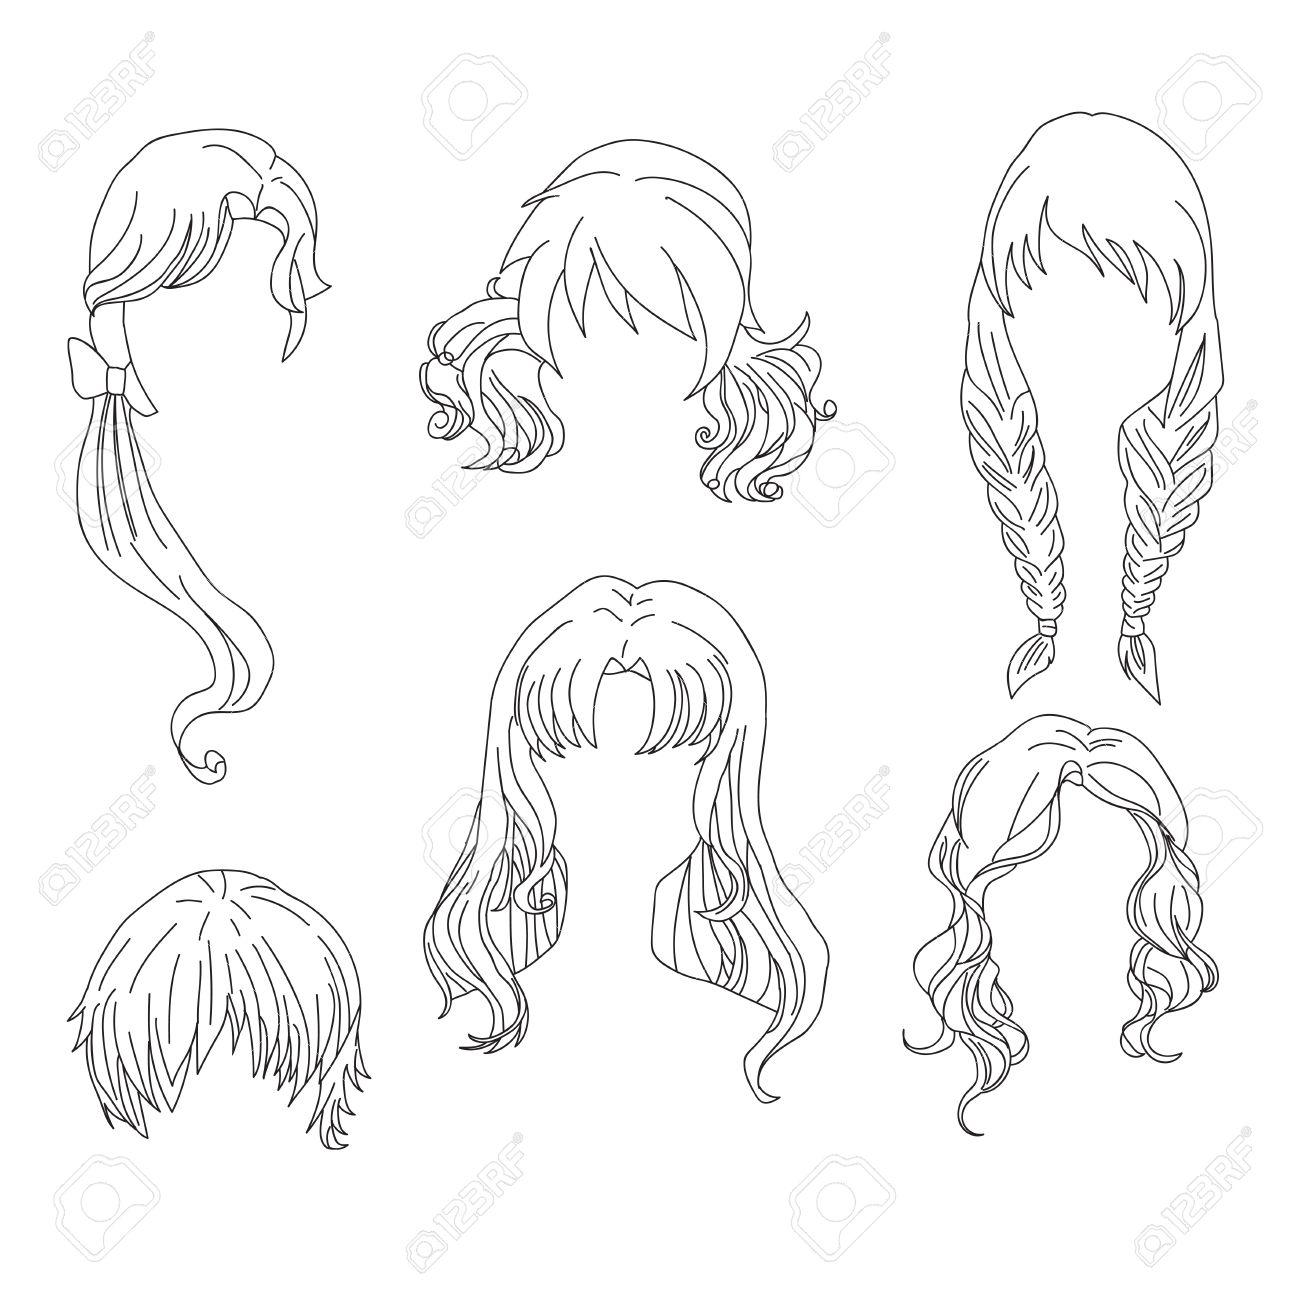 coiffure femme dessin